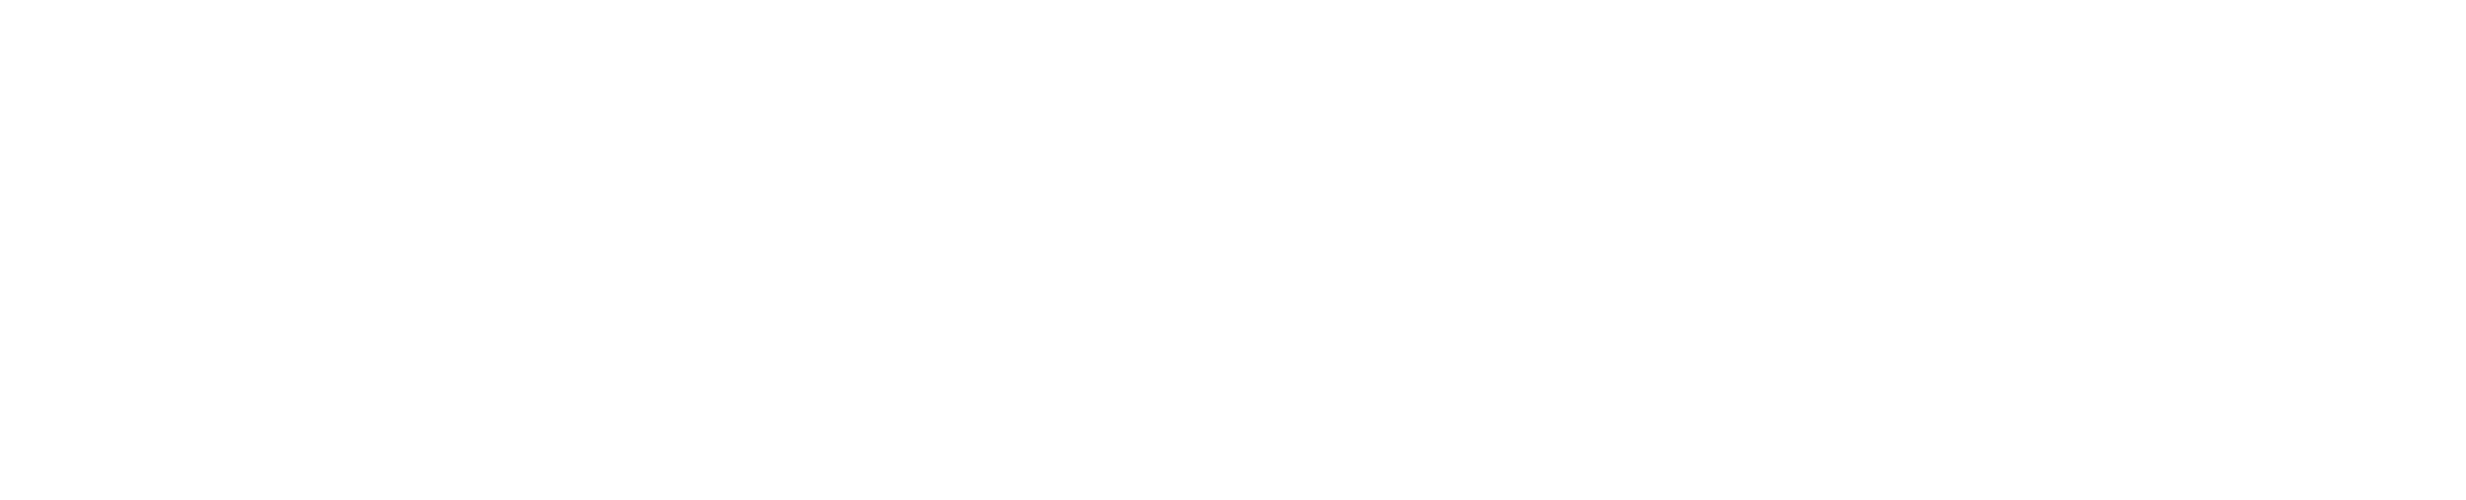 harbourvest_logo_white